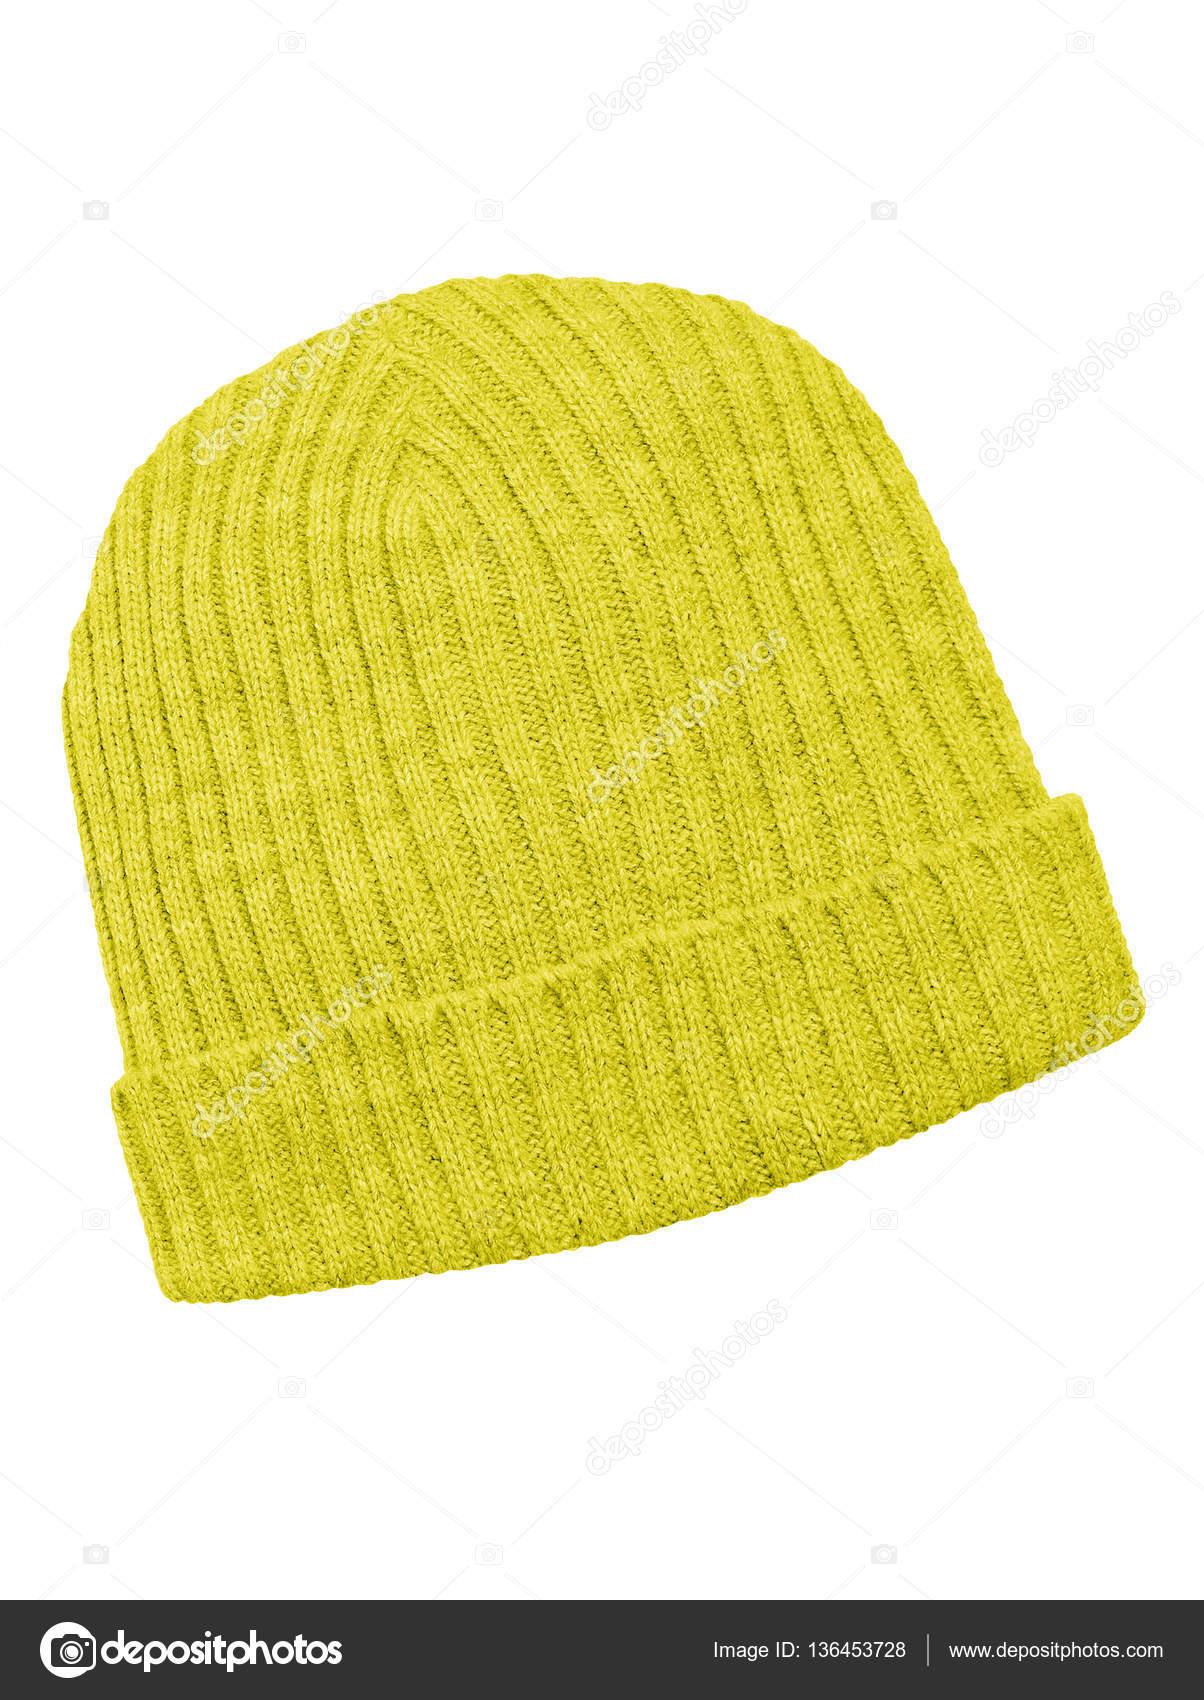 ff7413803d4fd Gorro lana amarillo aislado en blanco con trazado de recorte — Foto de ...